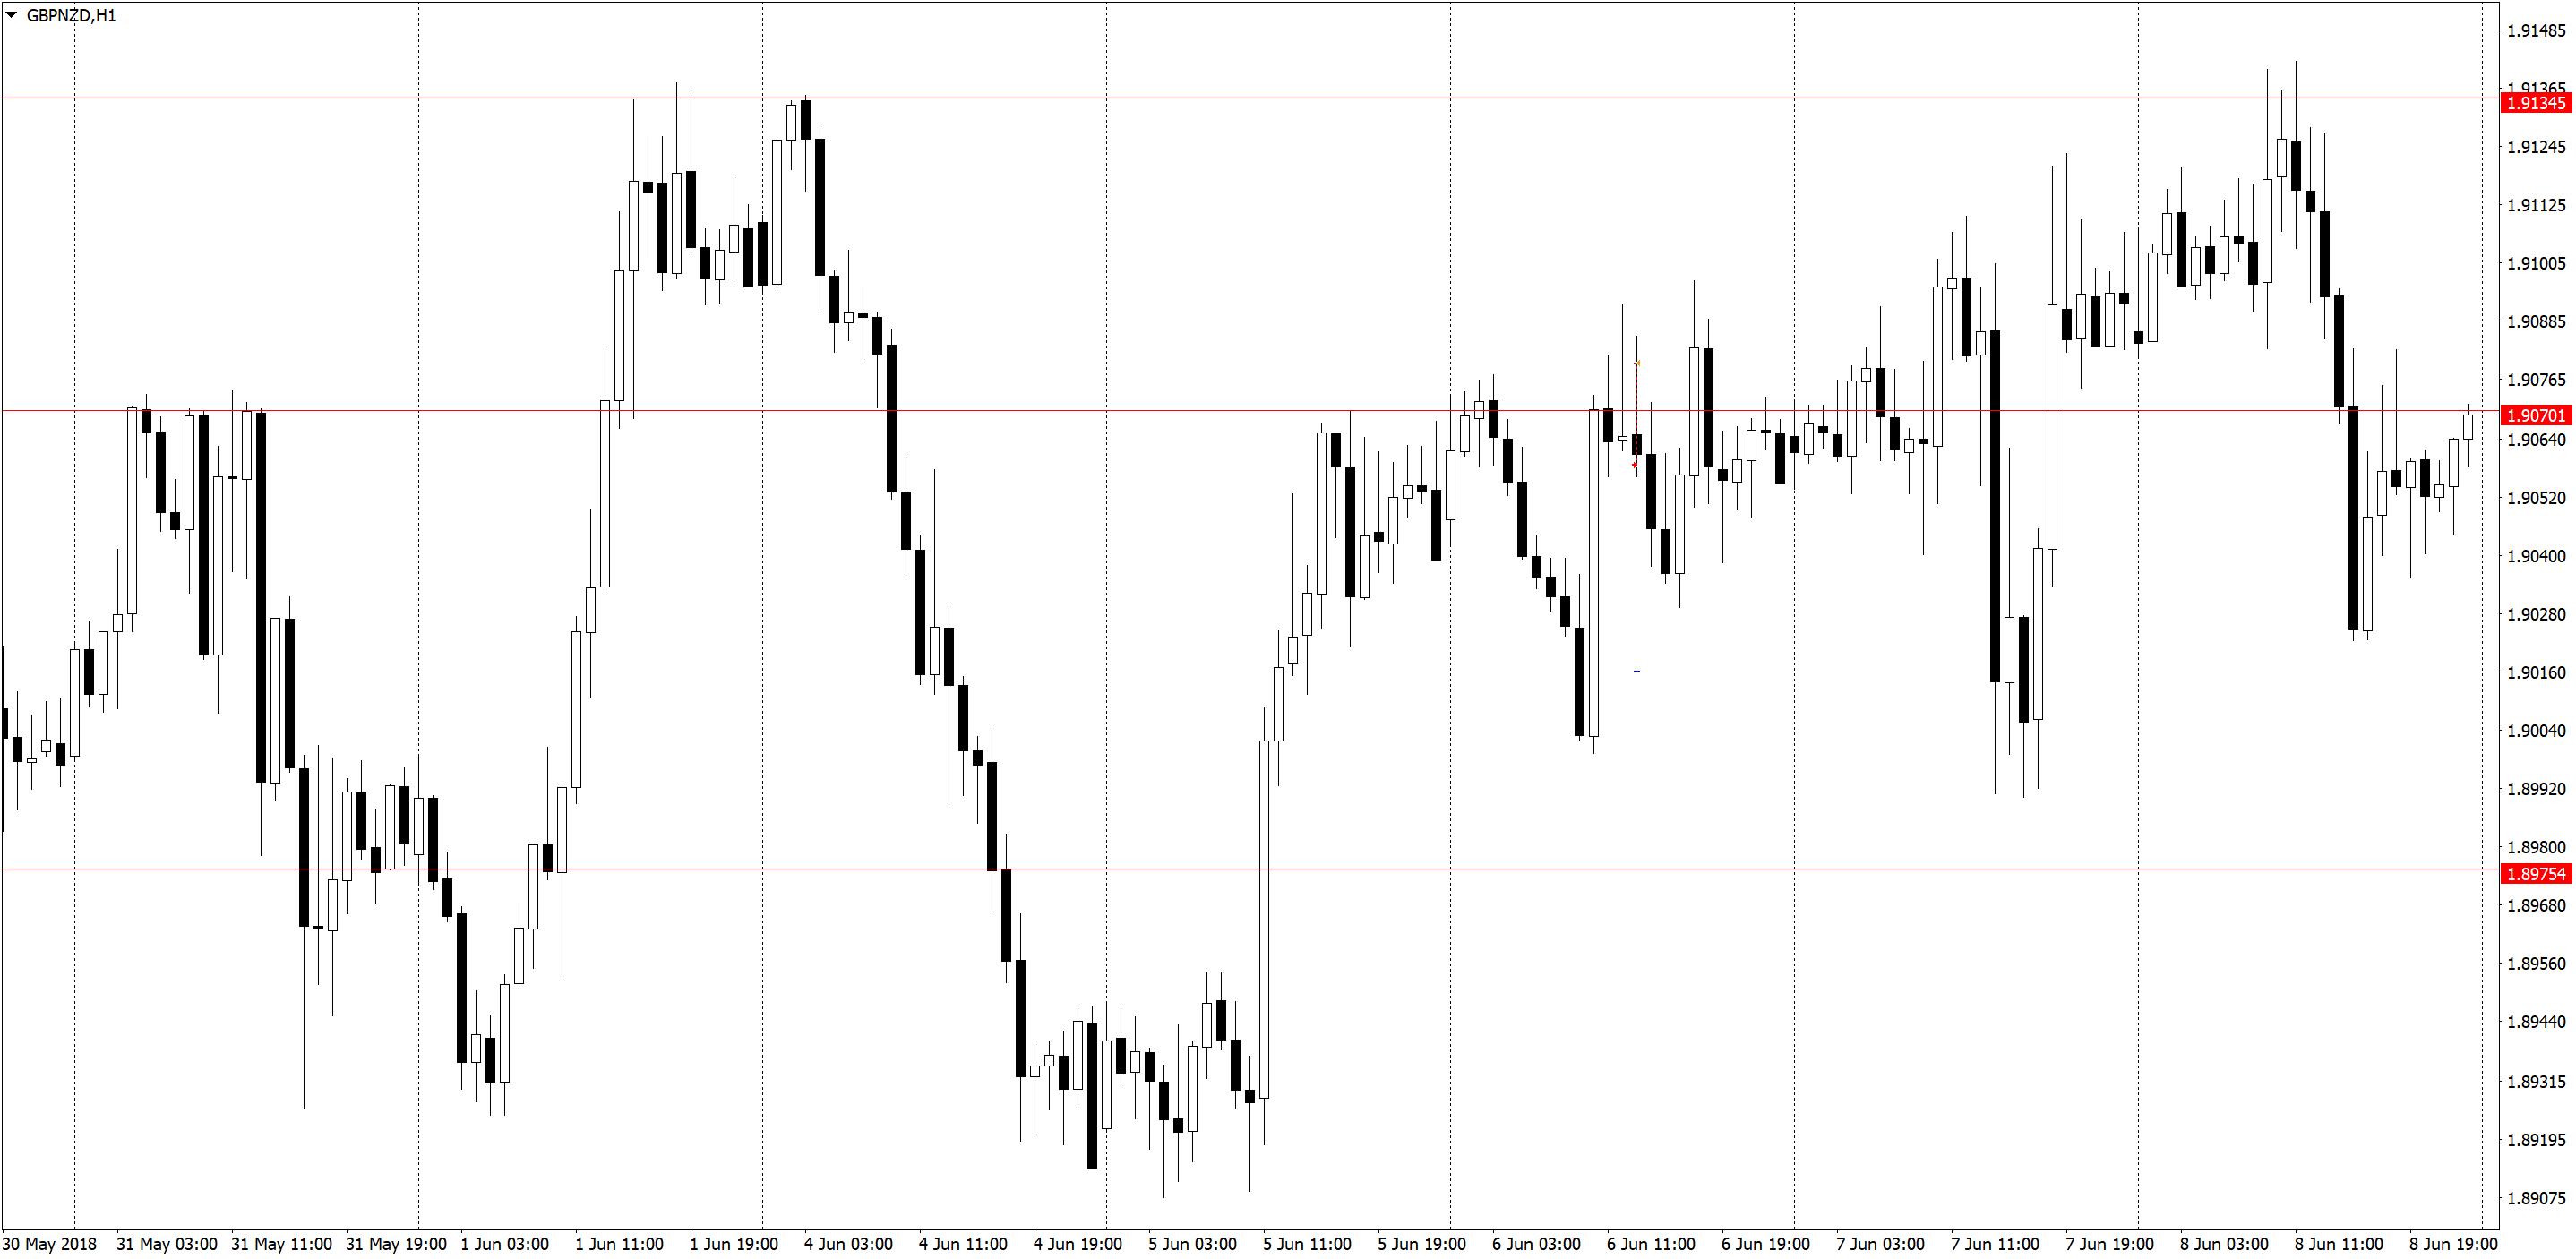 GBPNZDH1 1 Торговля по H1, трейдинг в удовольствие, три состояния рынка